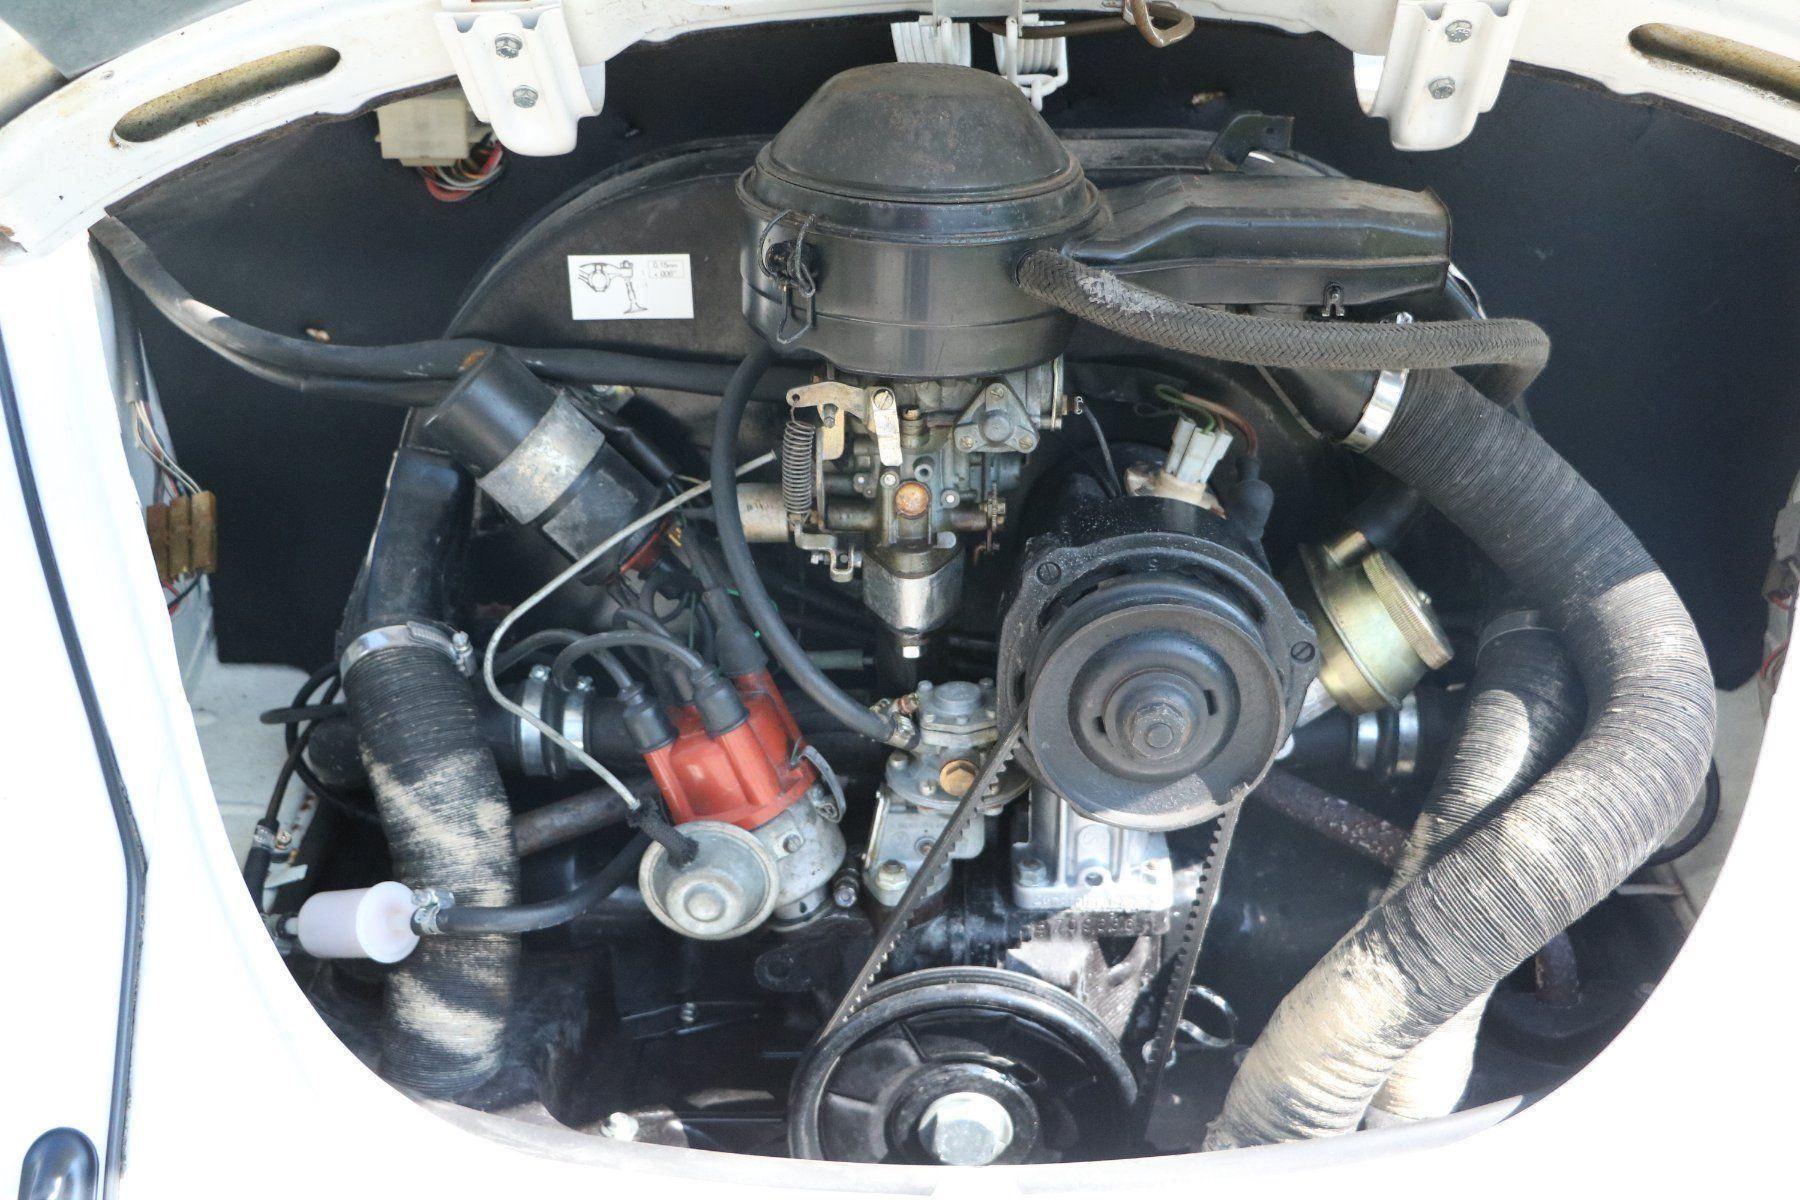 1972 Käfer Motor 2